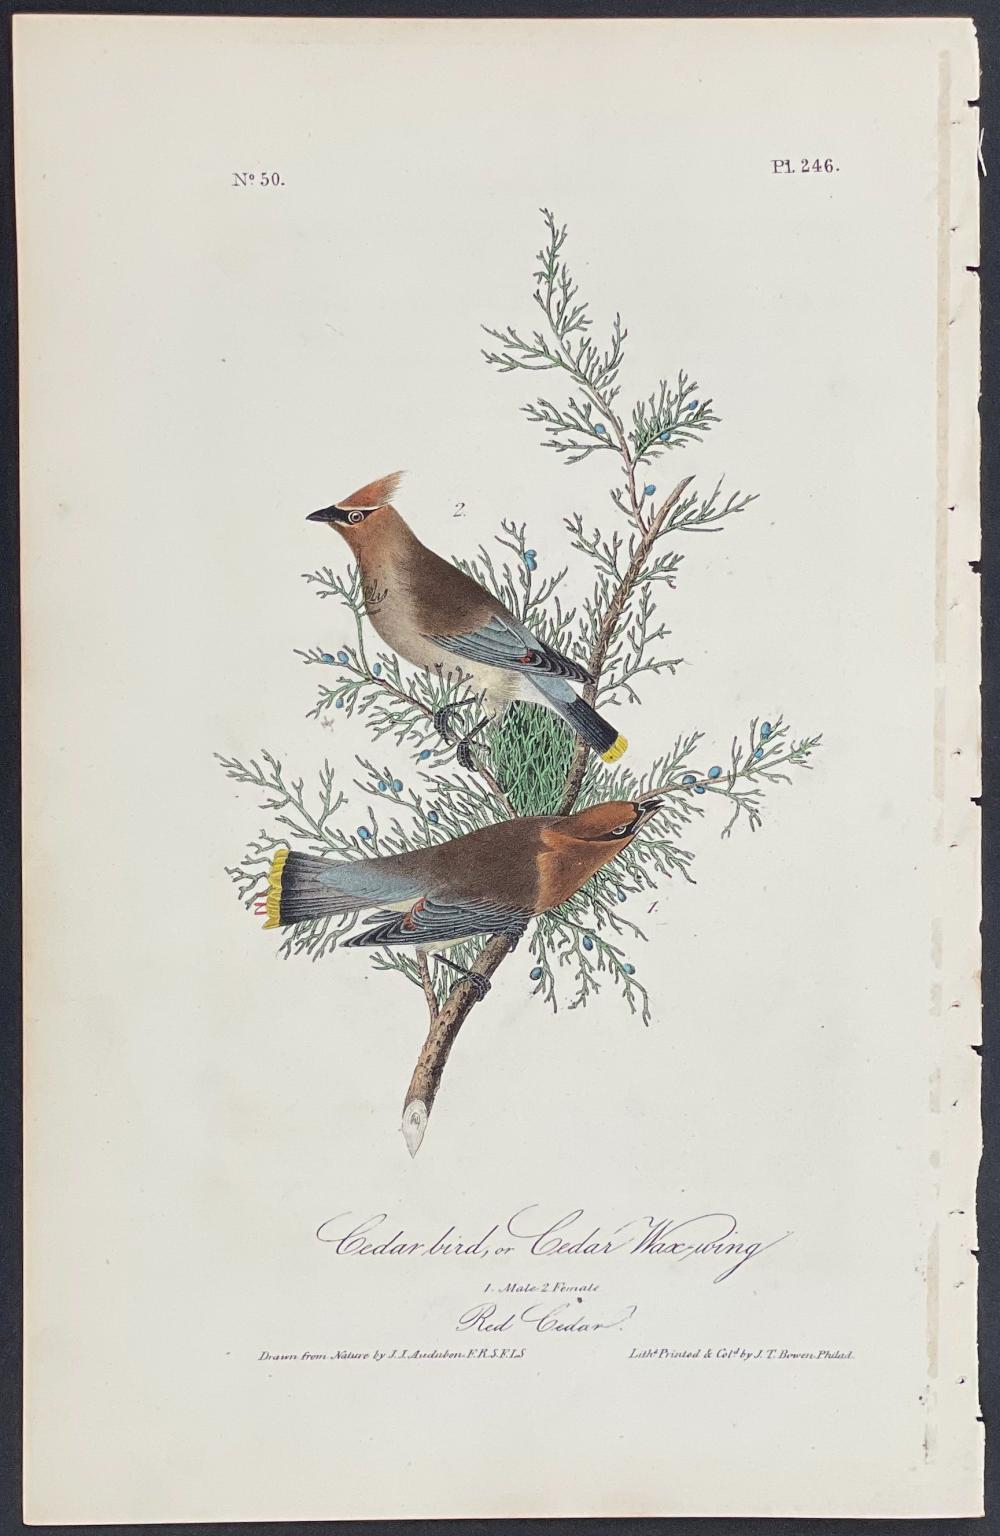 Audubon - Cedar bird, or Cedar Wax-wing. 246